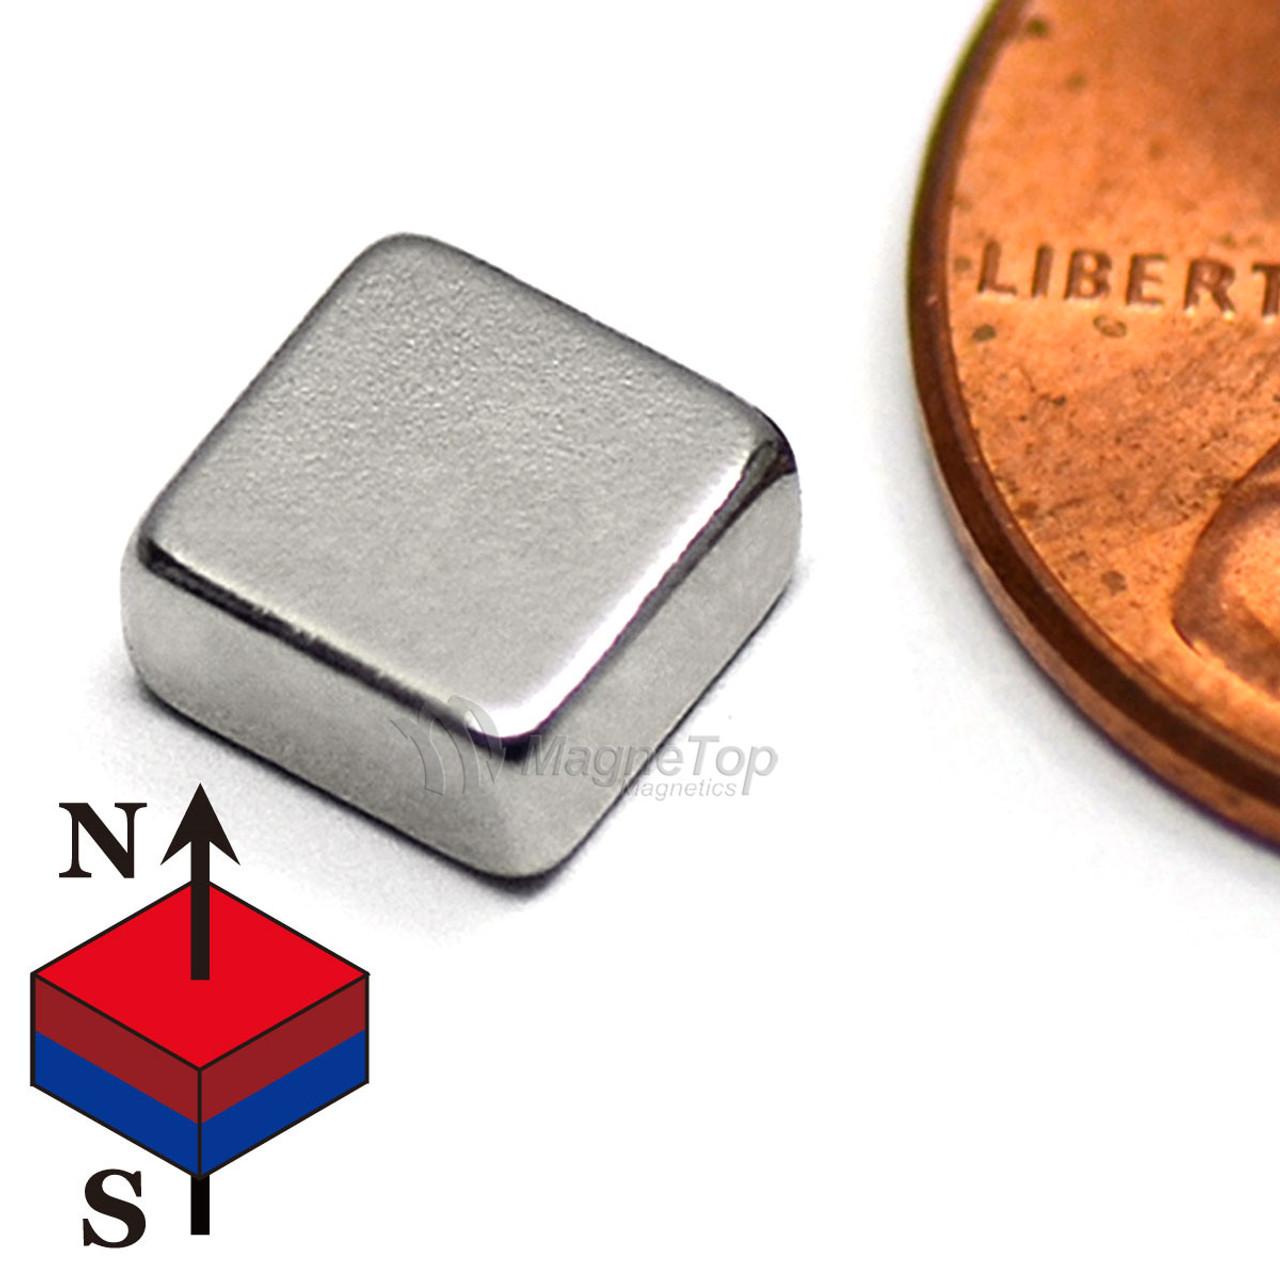 Neodymium Block - 6mm x 6mm x 3mm